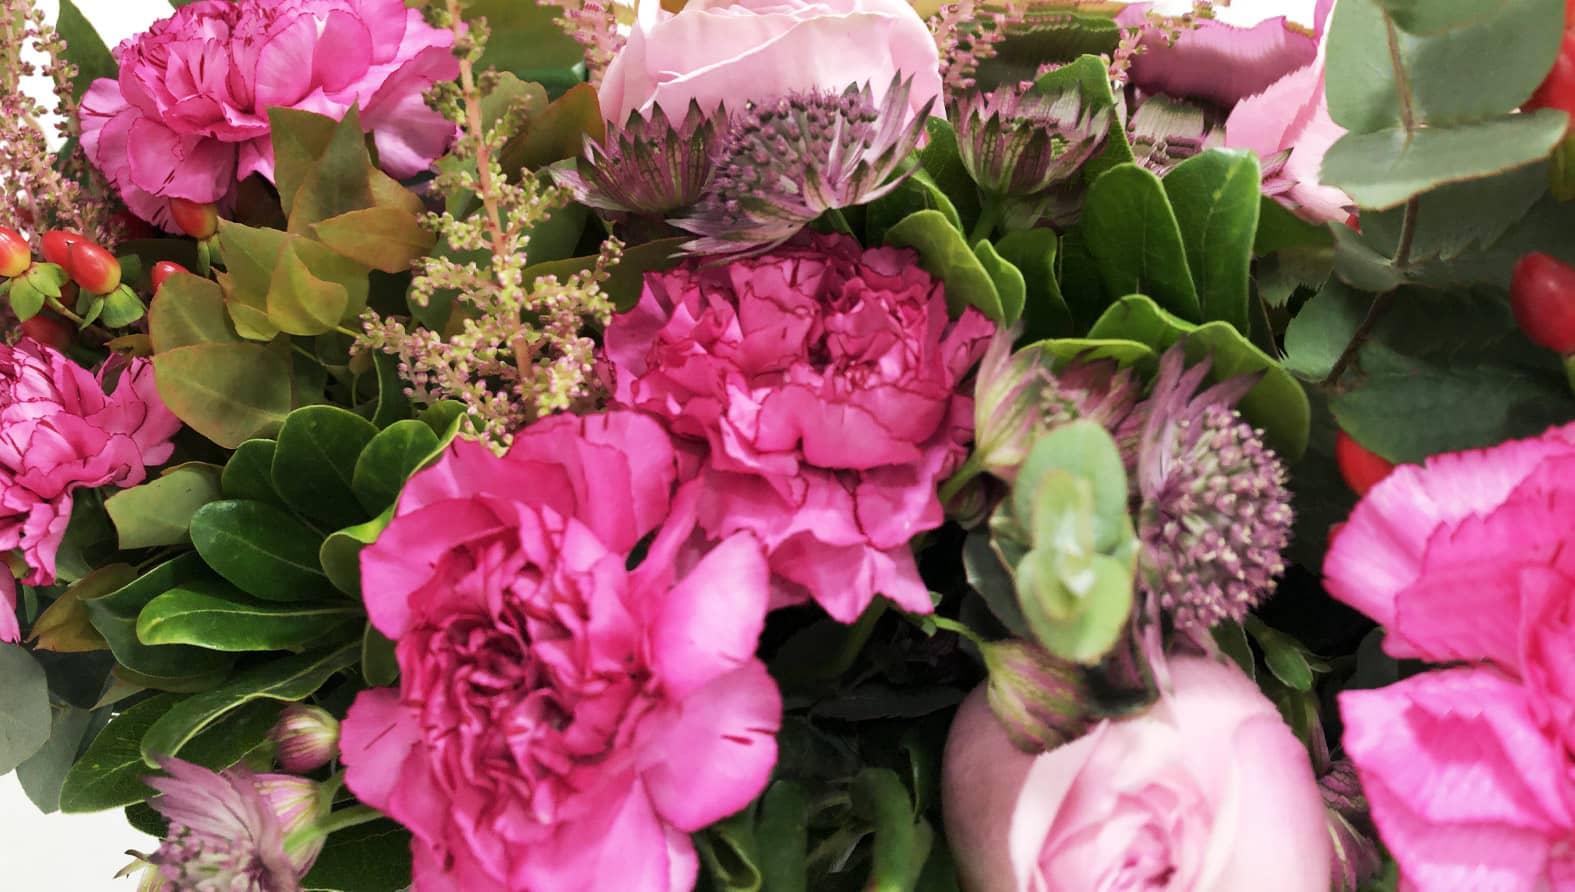 pink-bouquet-roses-fullsize.jpg